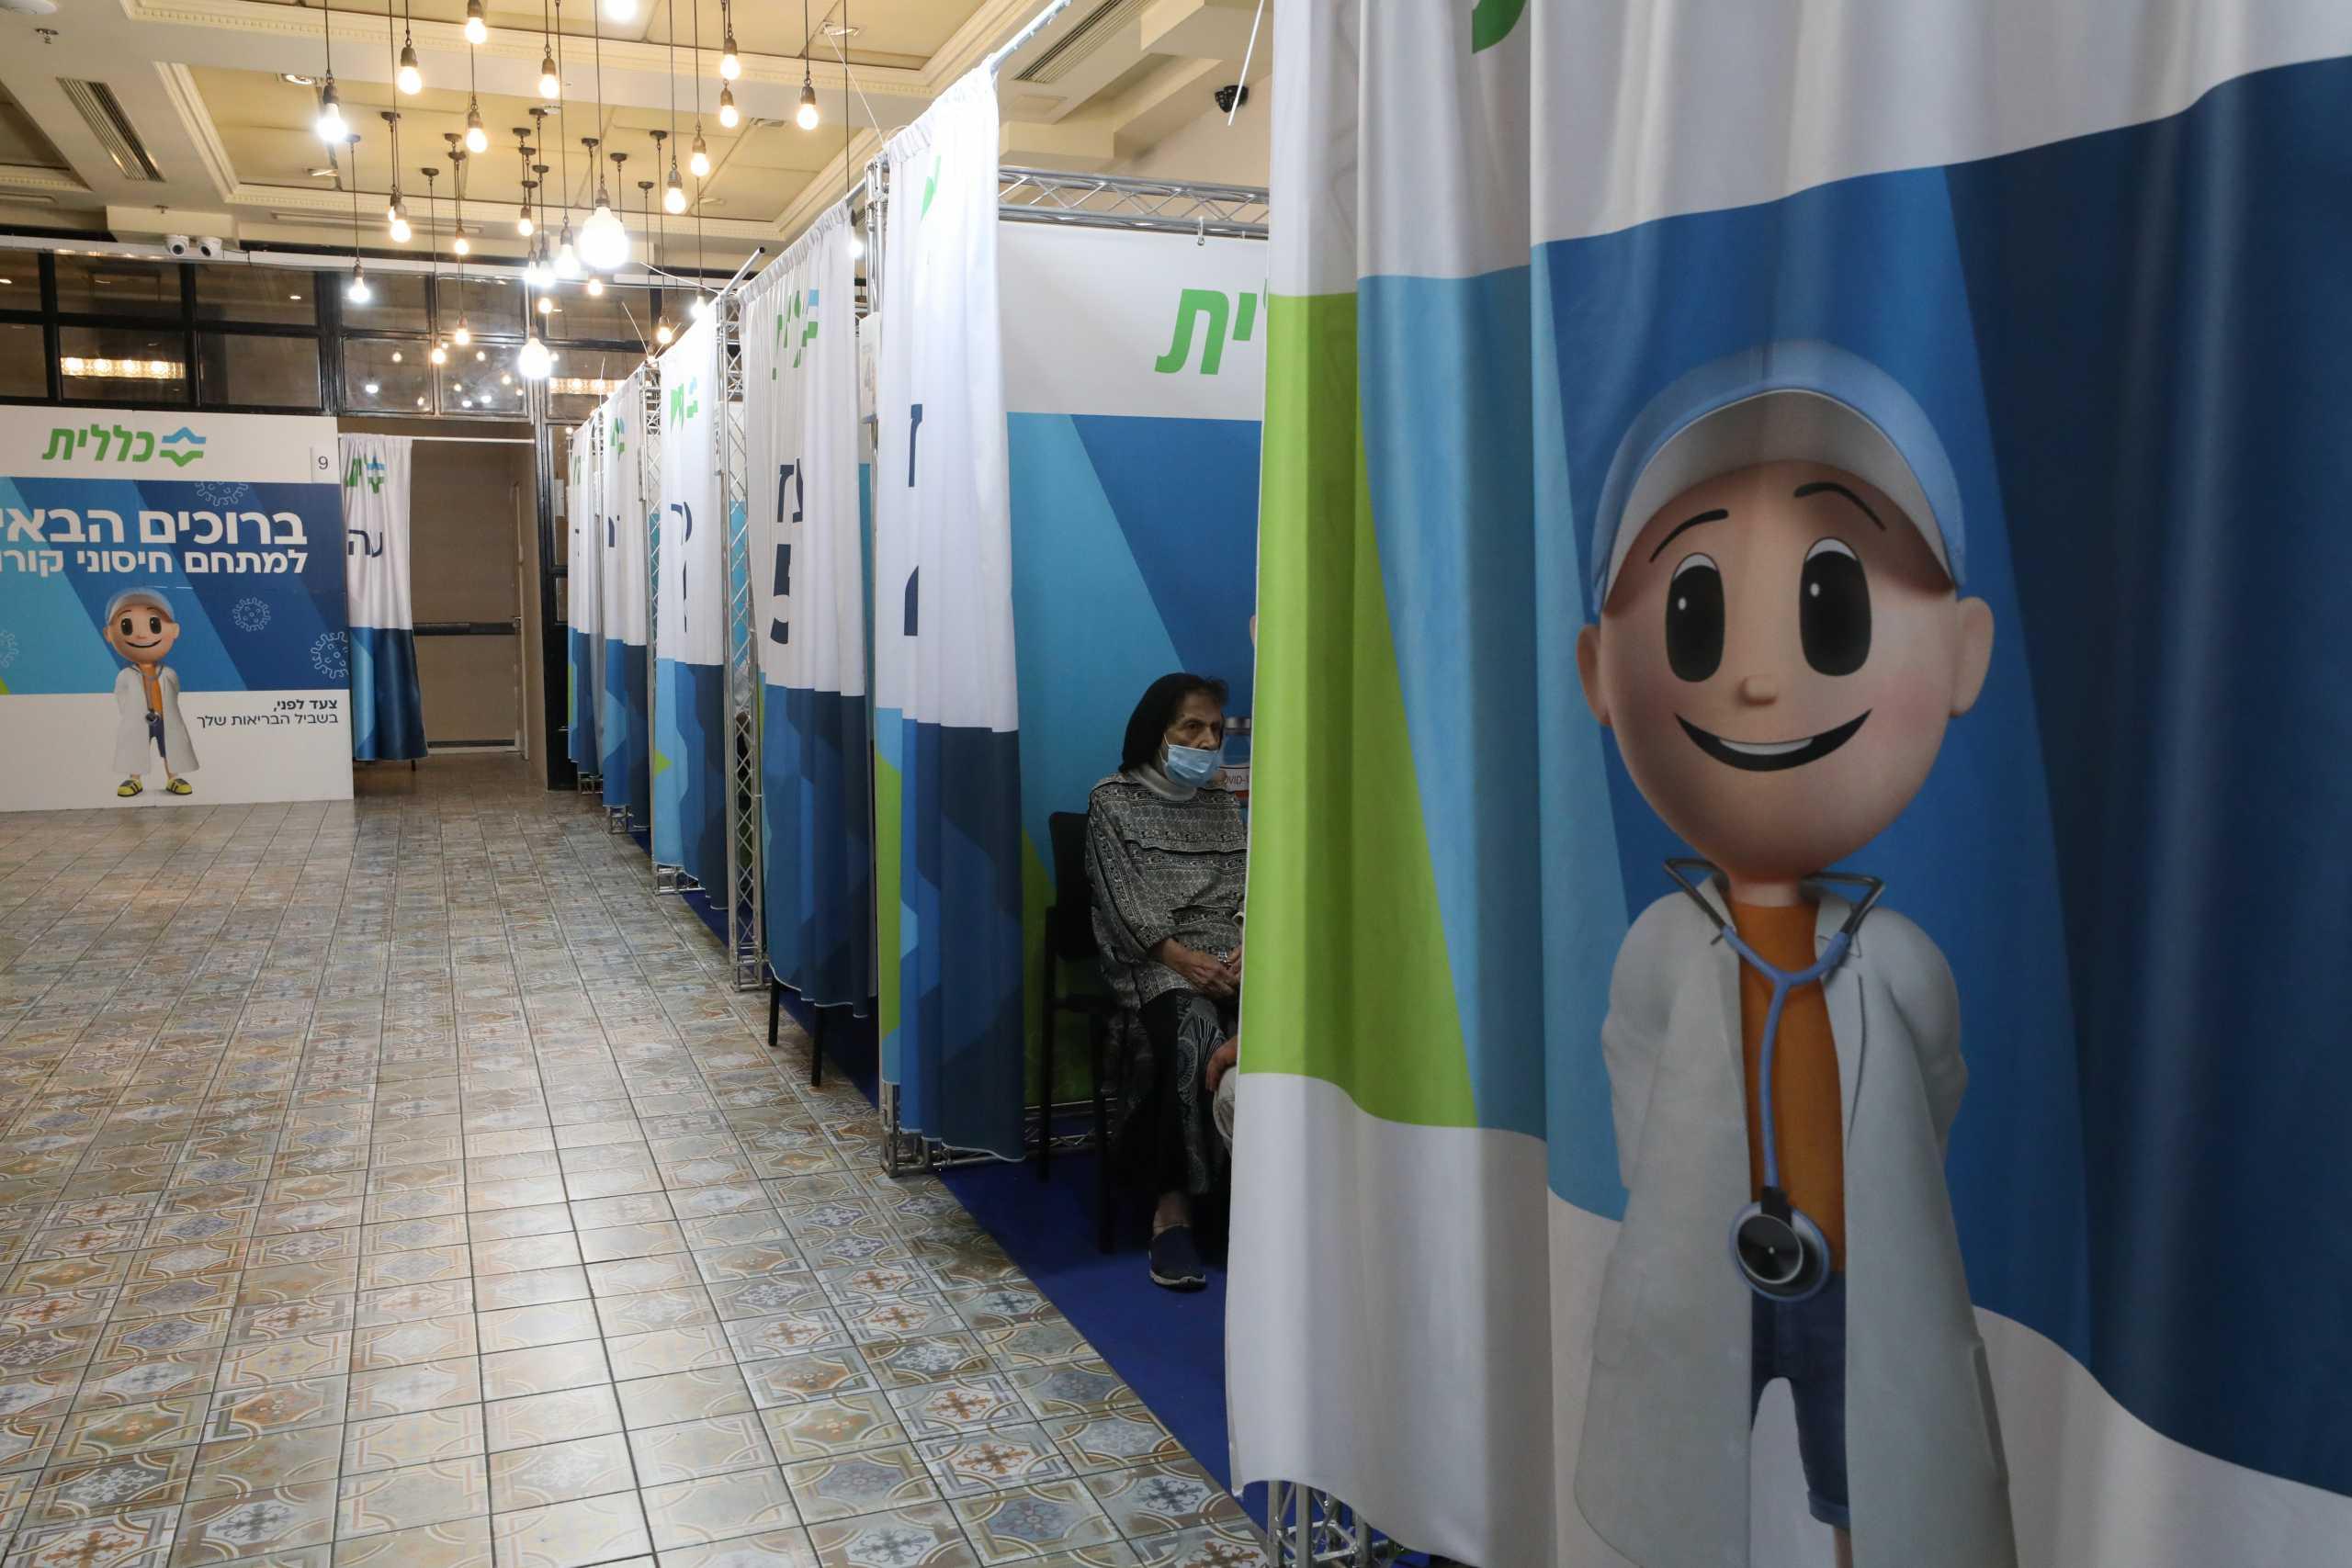 Κορονοϊός: Το Ισραήλ εγκαθιστά εγκαθιστά κέντρα εμβολιασμού στα σχολεία – Πώς θα εμβολιάζονται οι μαθητές